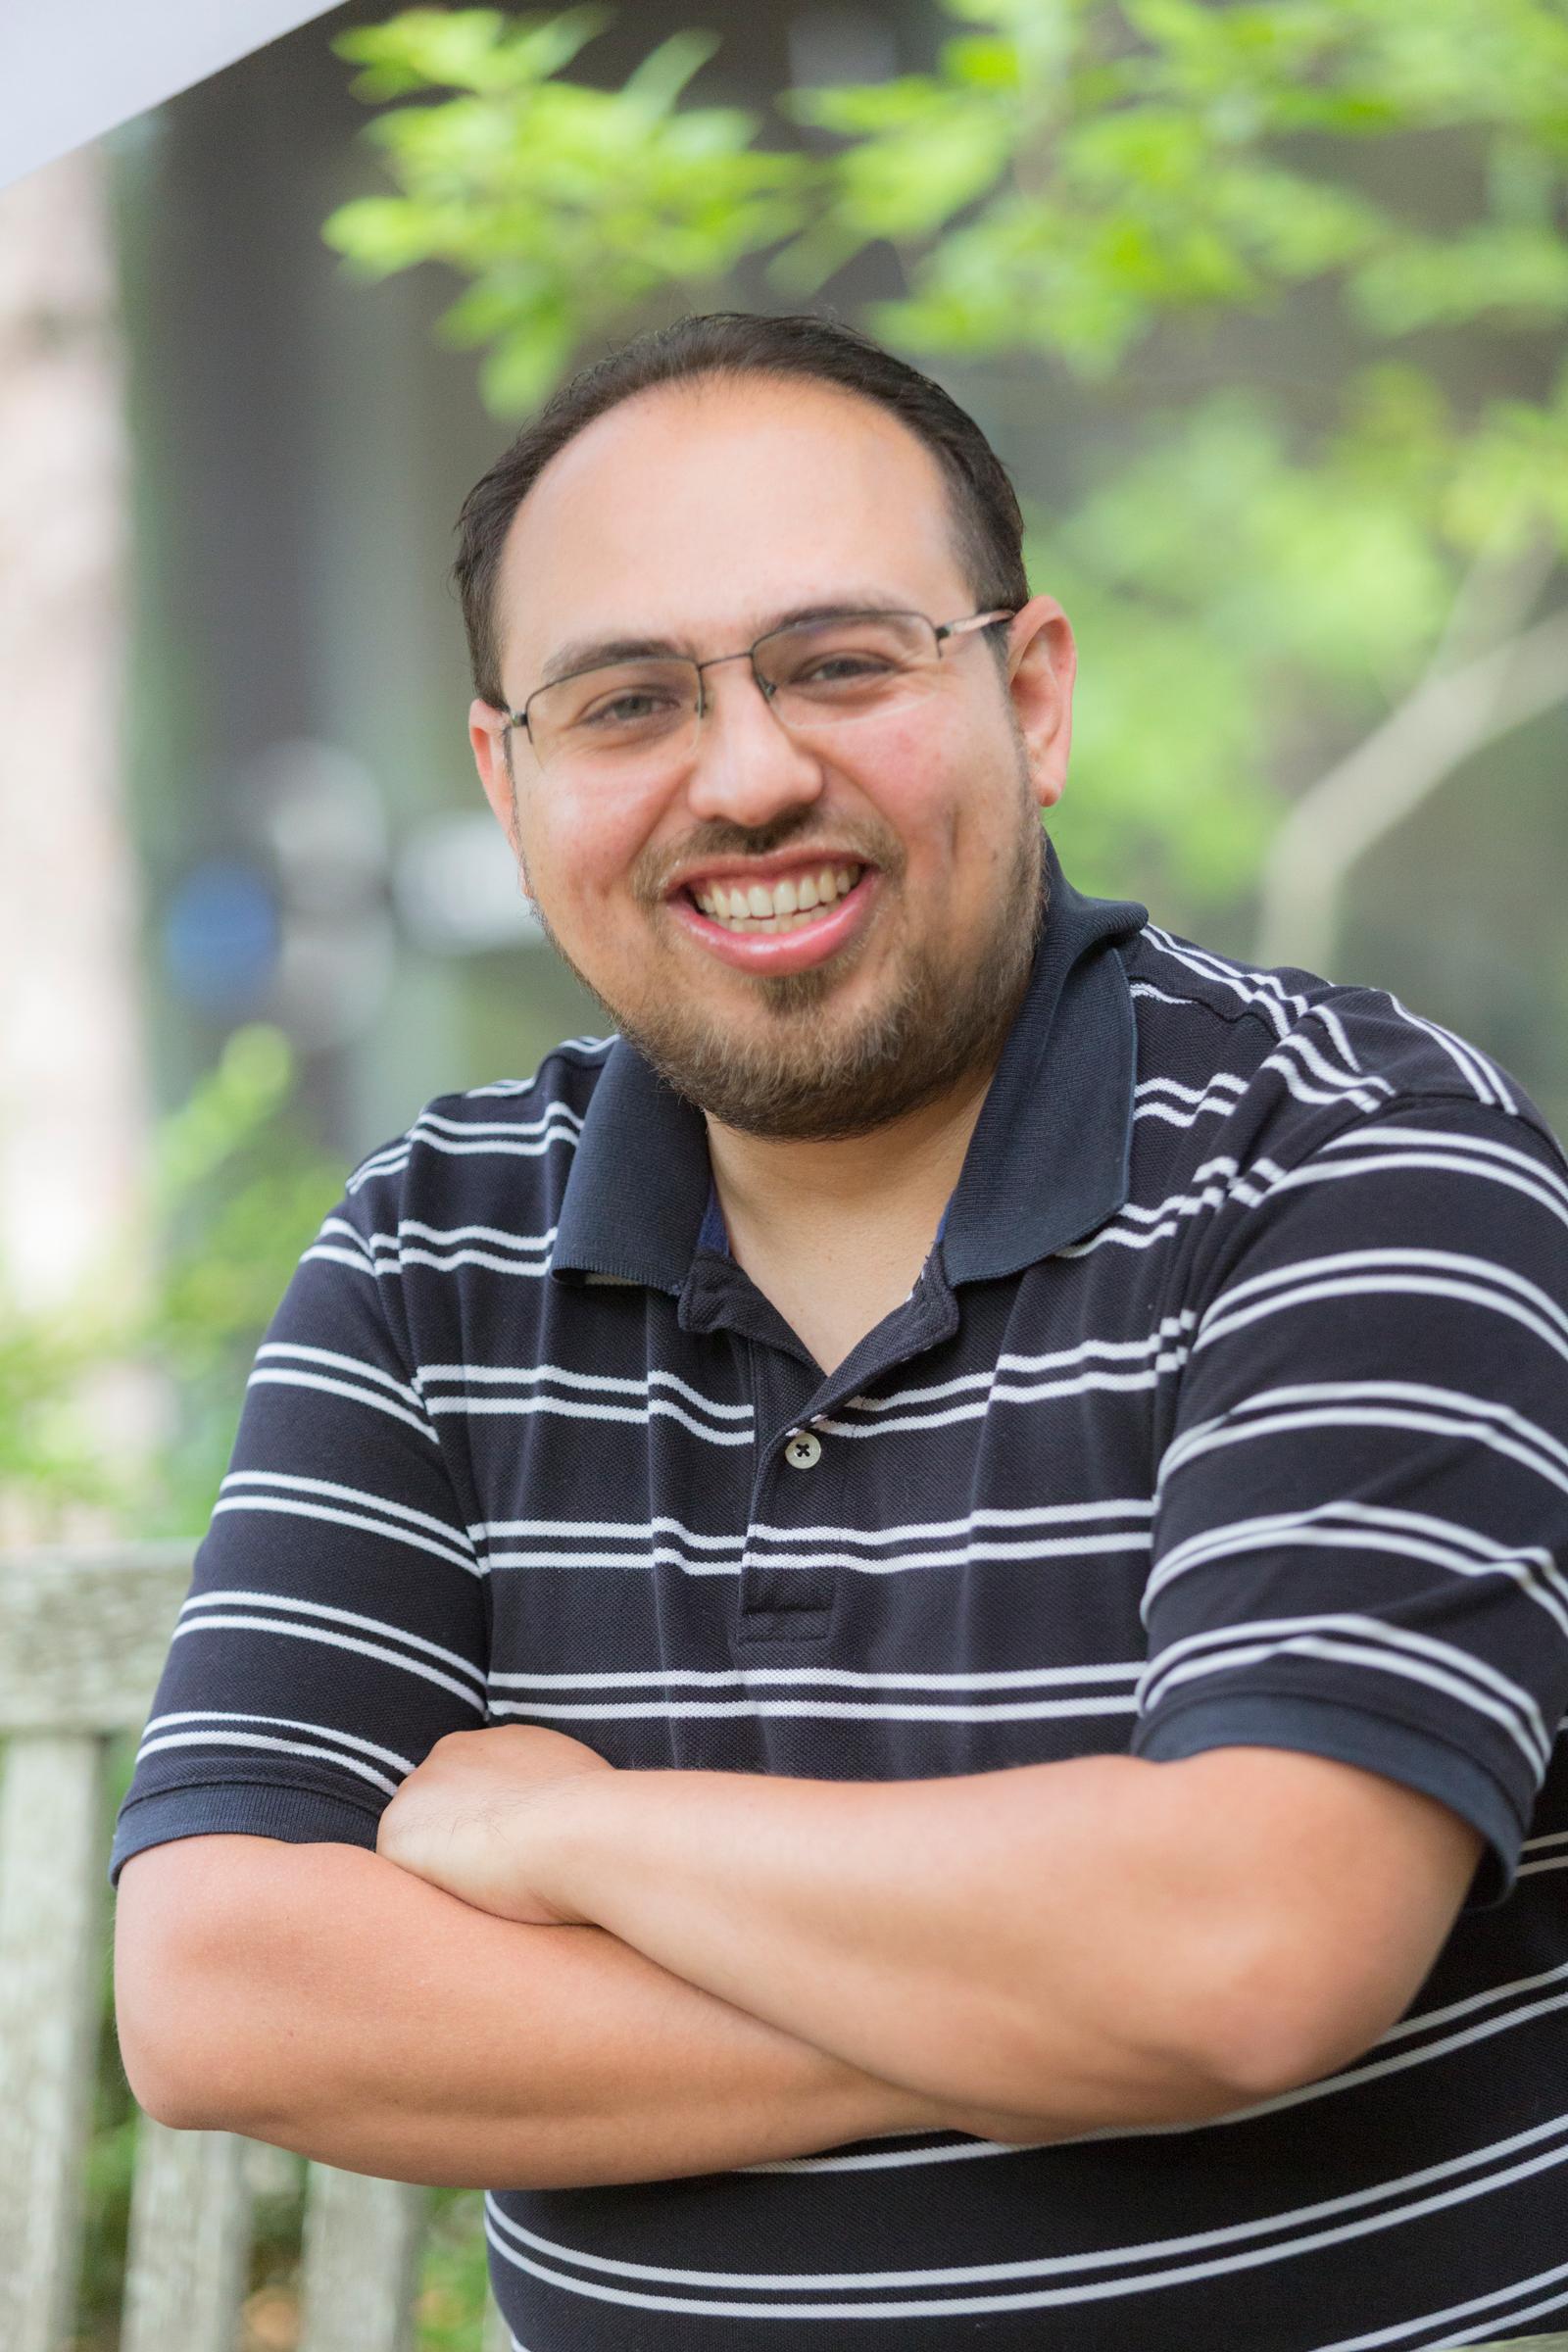 Alberto Gutierrez Urquidez